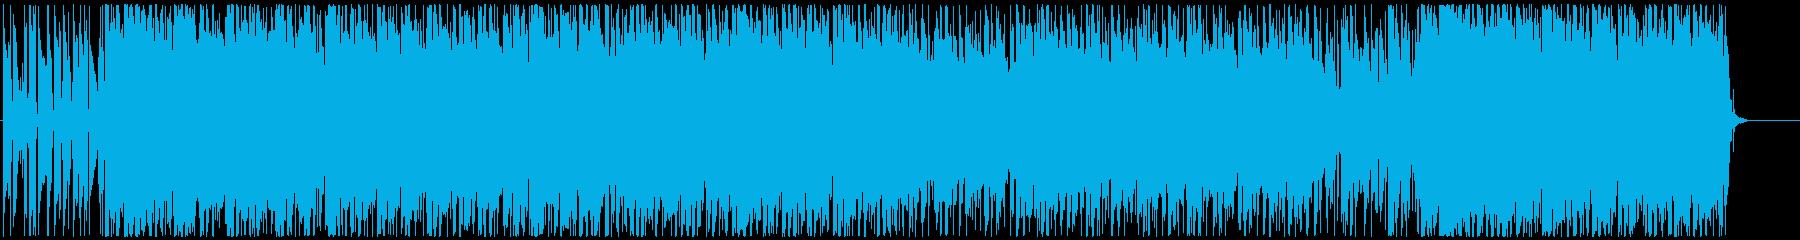 ノリノリキーボーディストインストの再生済みの波形